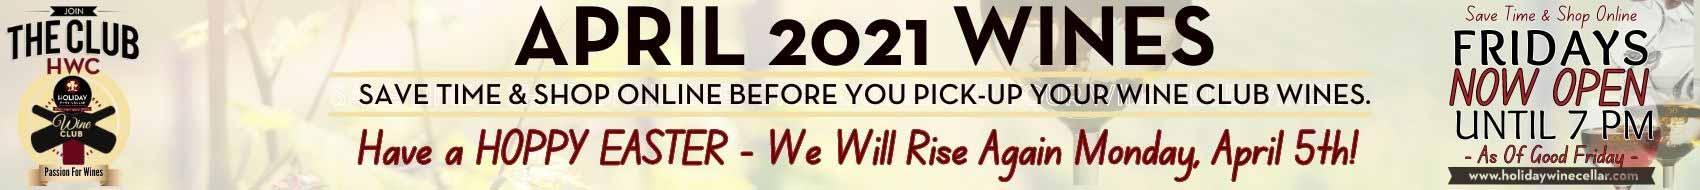 1700x190-header-april-2021-hwc-wine-club-wines.jpg